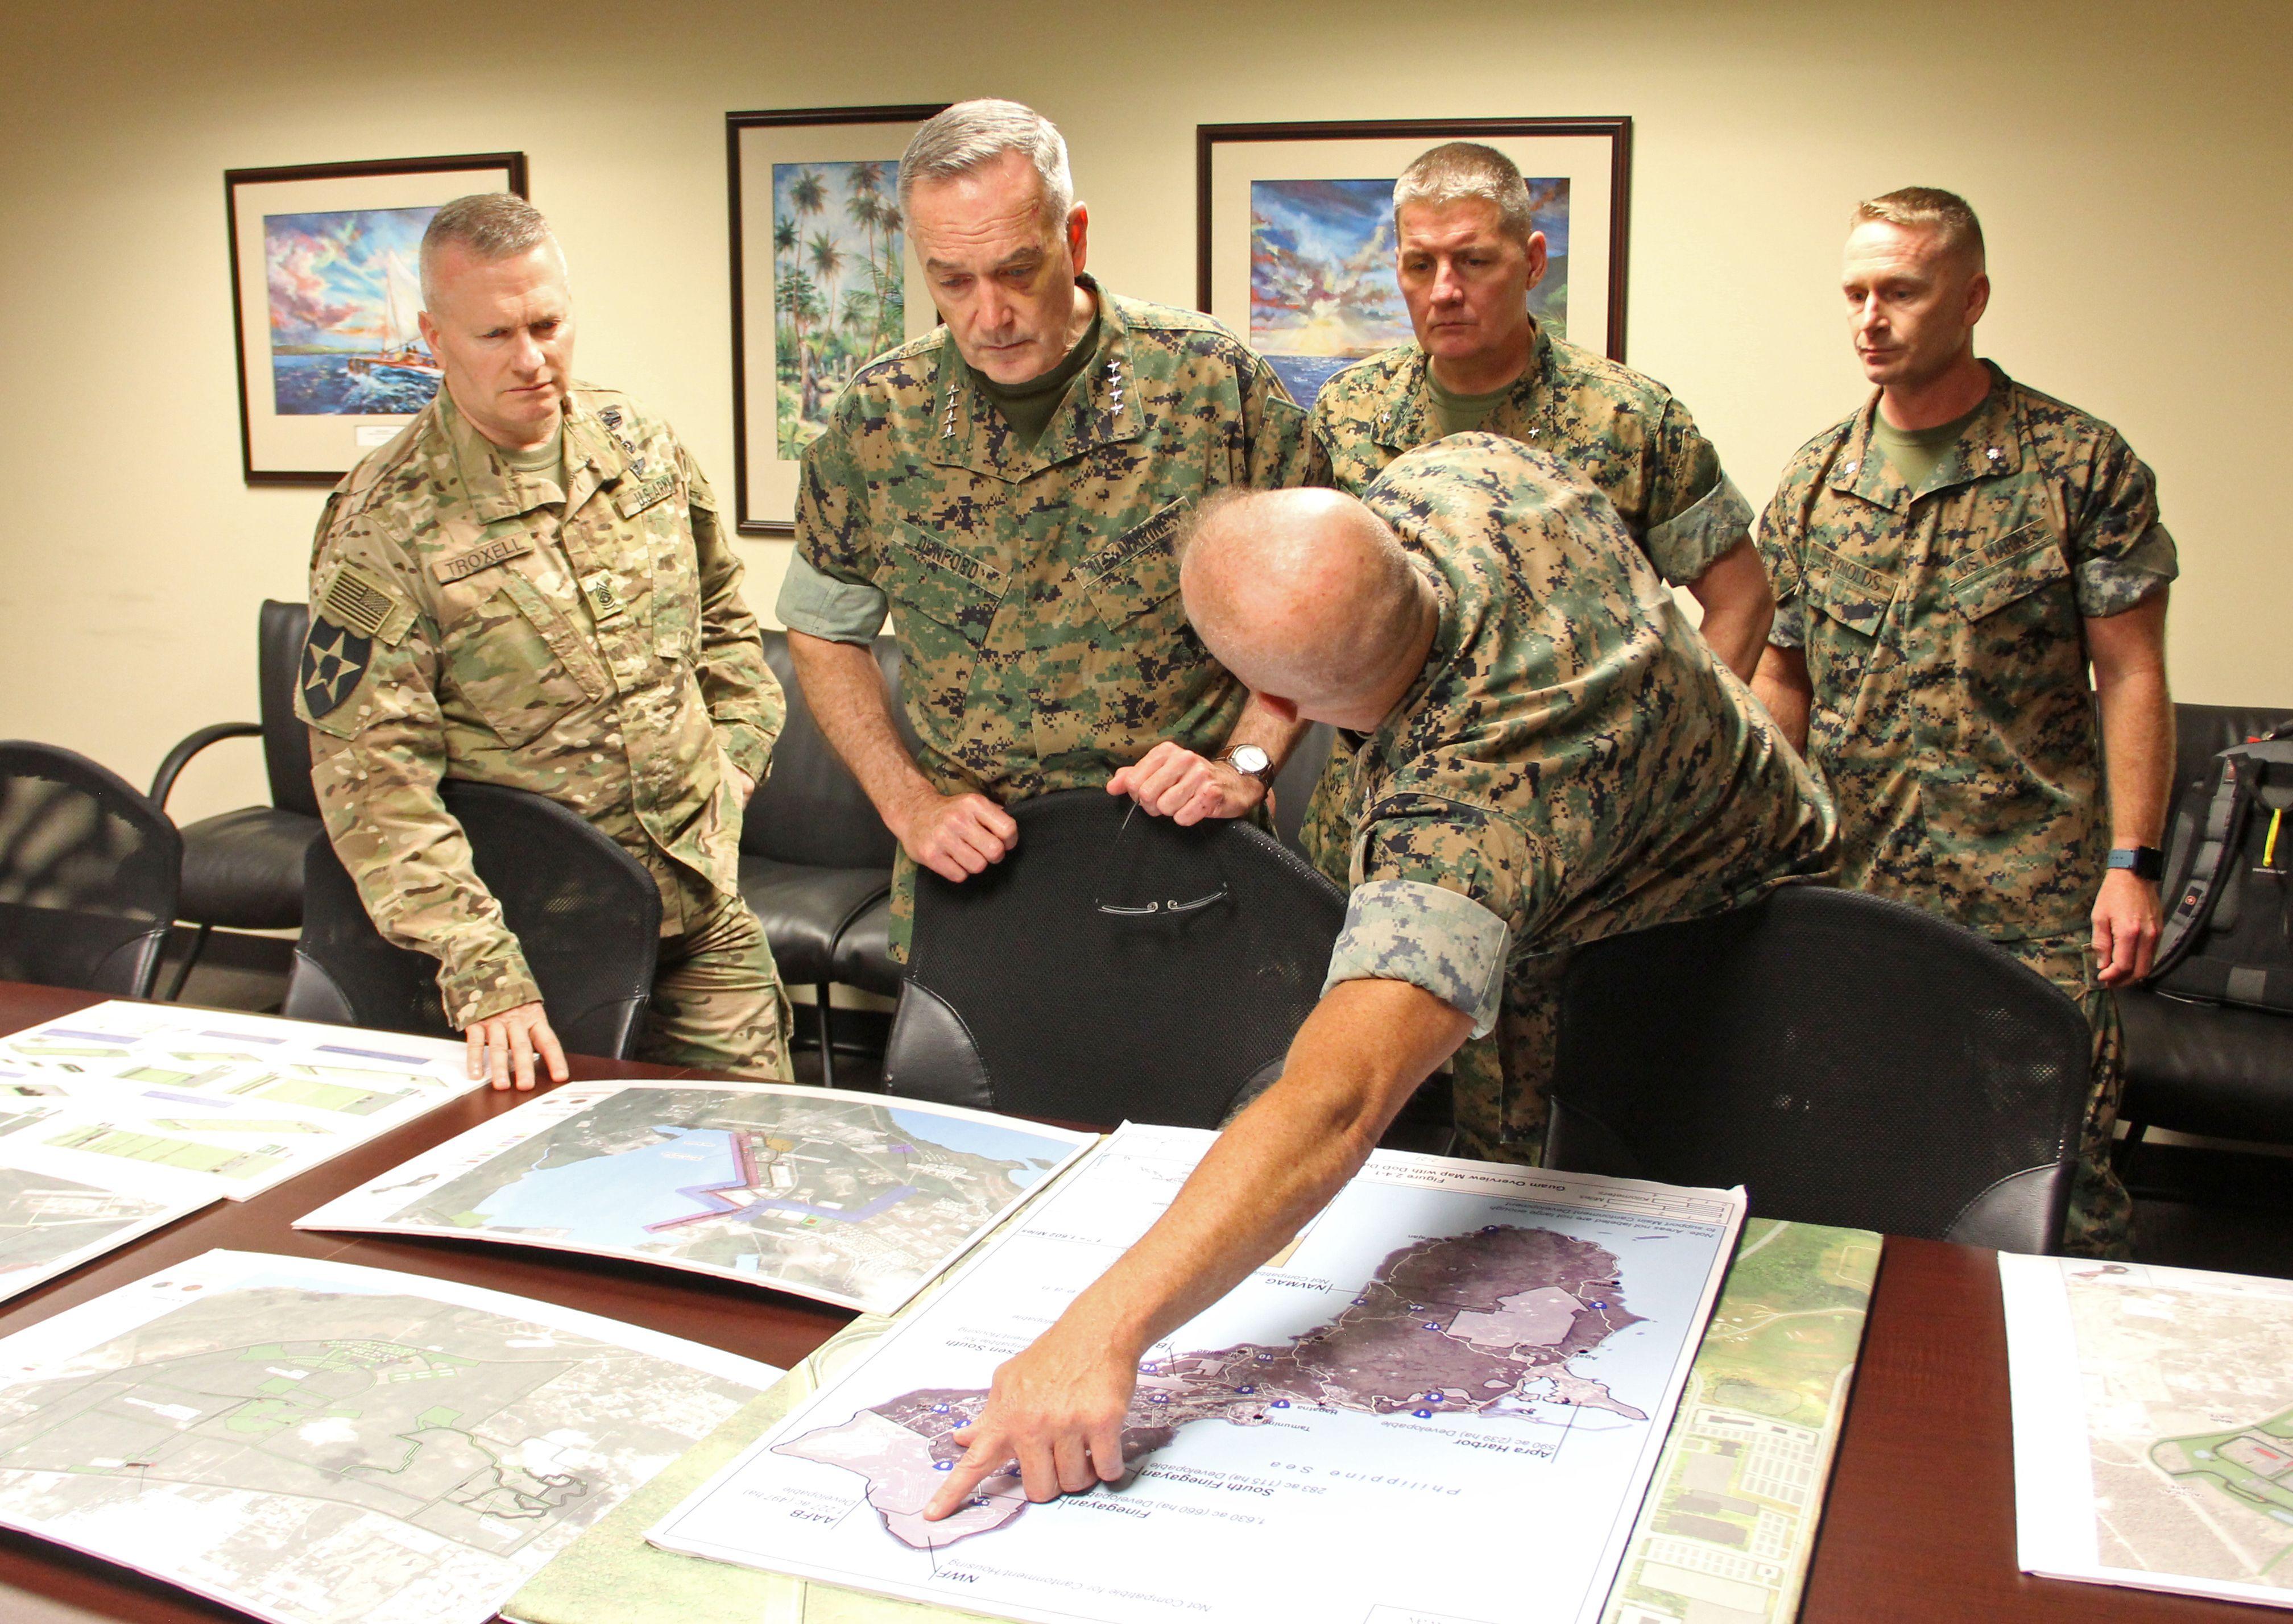 قيادات الجيش الأمريكي